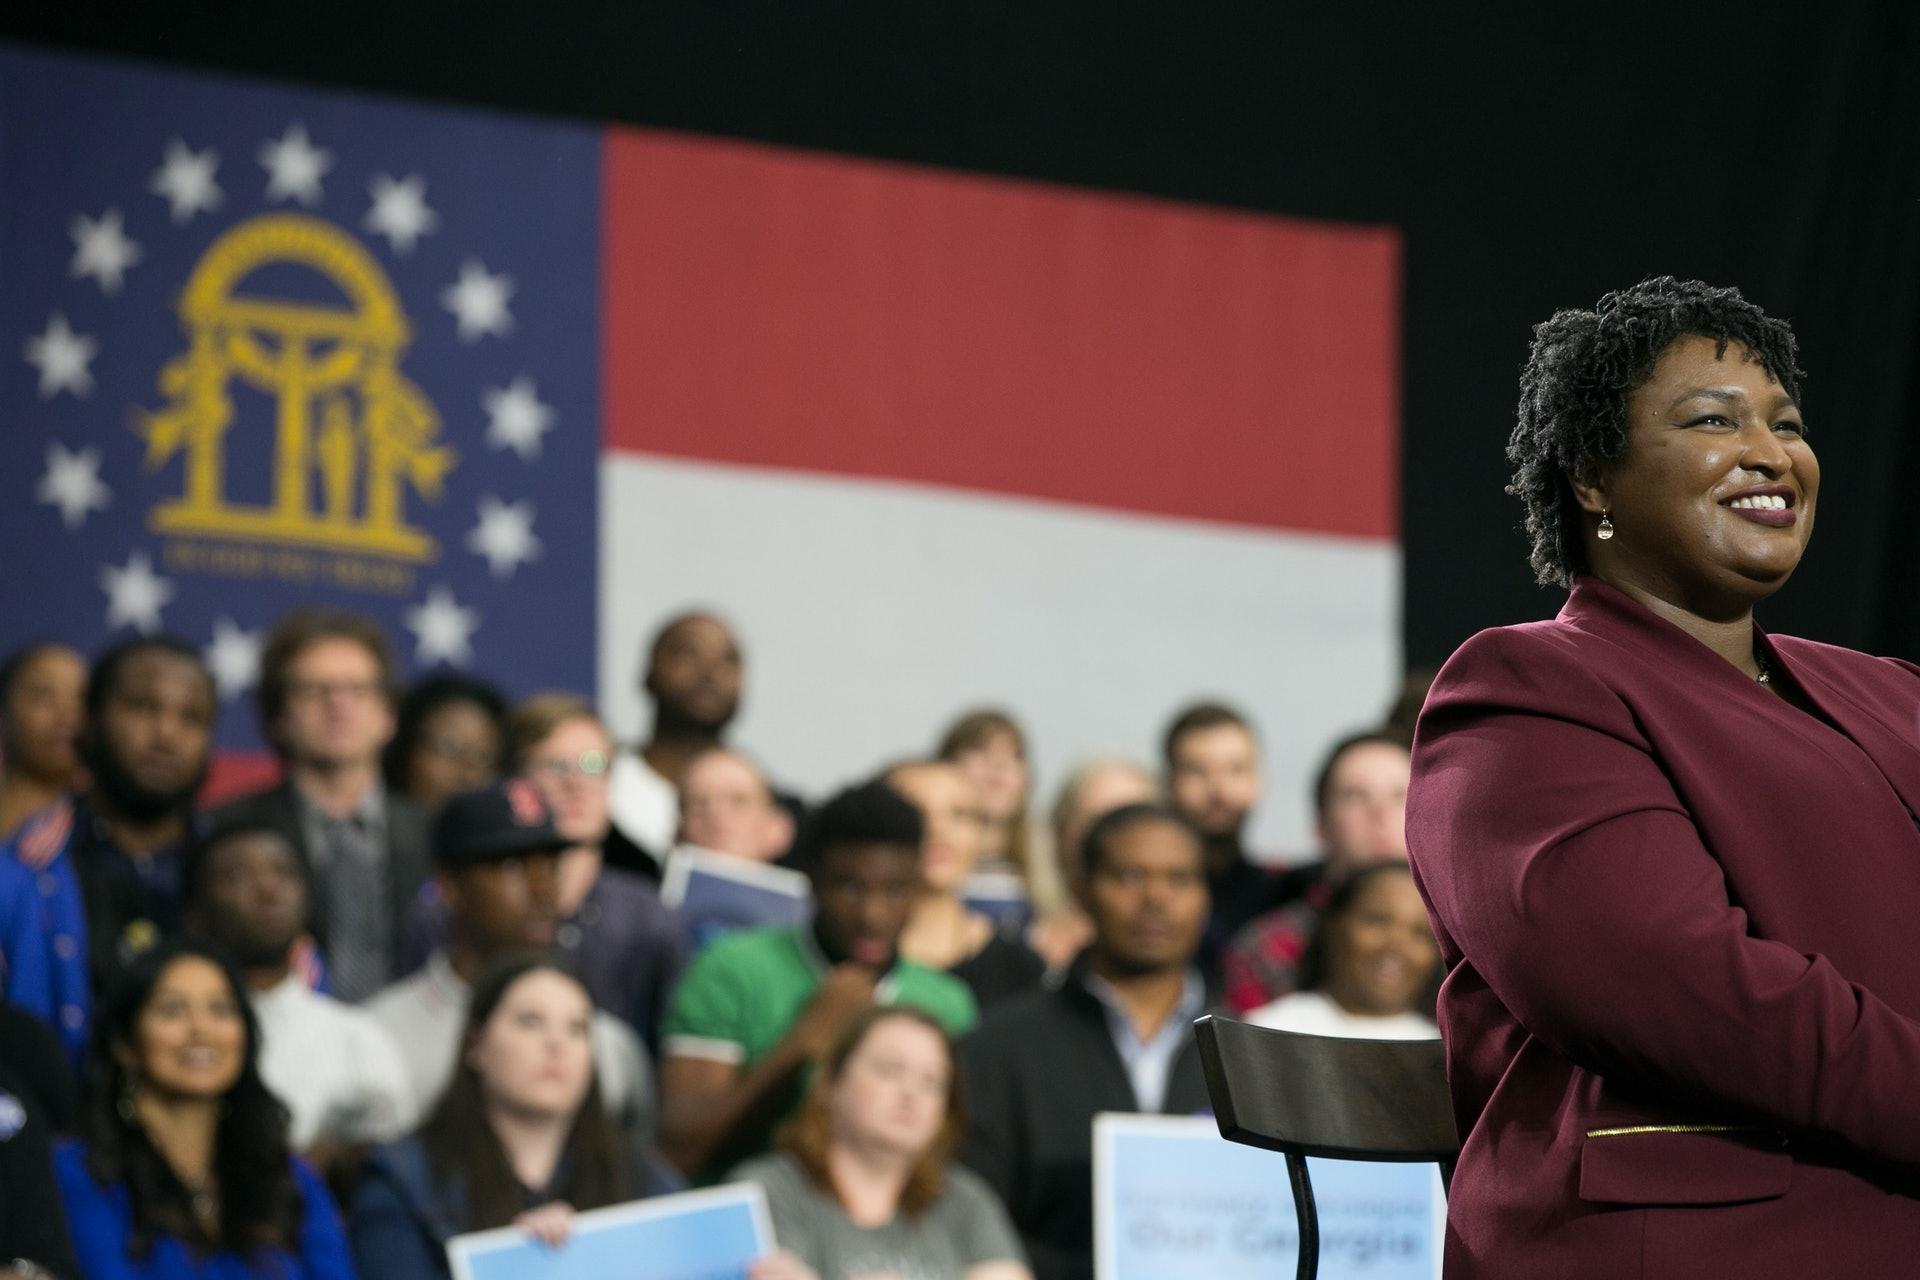 有人說要歸功艾布拉姆斯近年的深耕細作。她是耶魯大學法學院畢業生,是稅務律師,出任喬治亞州眾議員十年,並曾擔任喬治亞州眾議院少數黨領袖。2018年,艾布拉姆斯代表民主黨競逐州長寶座,一躍成為黨內新星。圖為2018年11月2日,艾布拉姆斯於亞特蘭大出席競選集會。(Getty Images)